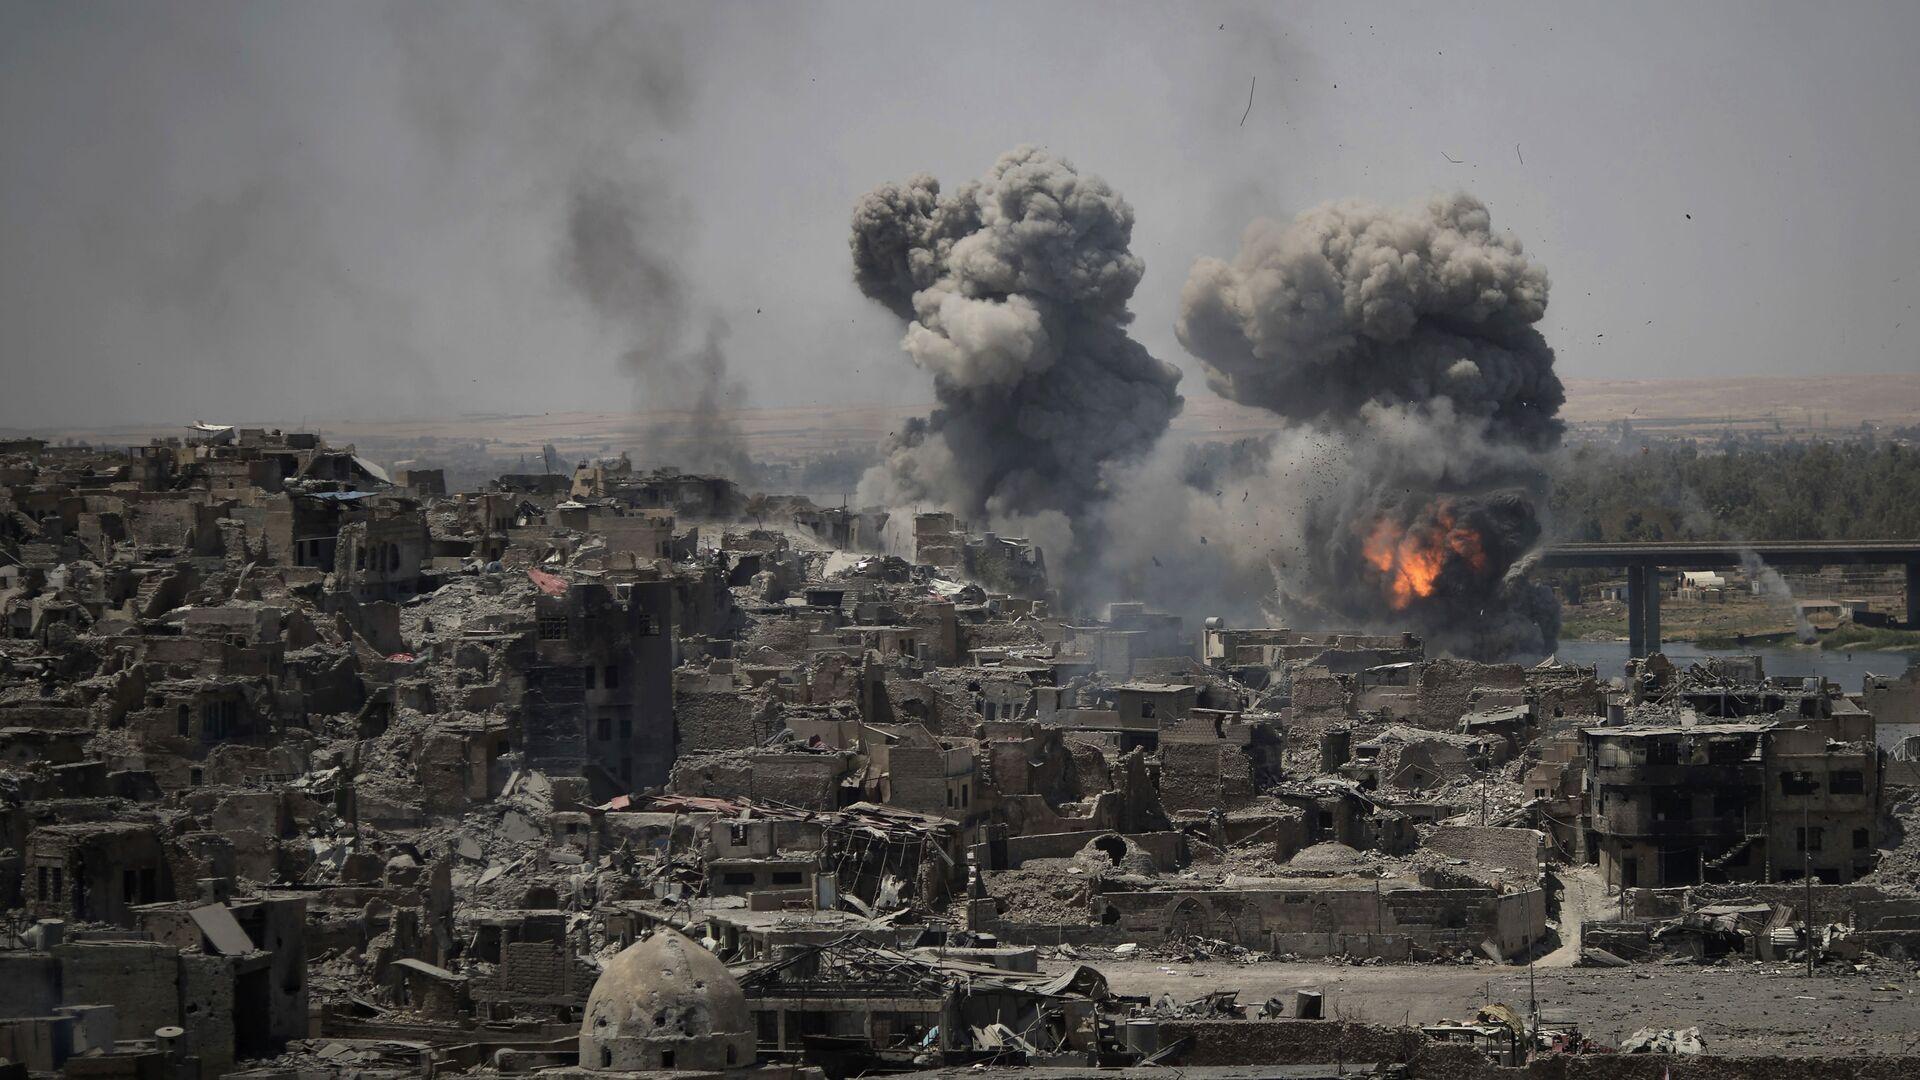 Nálety proti bojovníkům ISIS v oblasti Starého města v Mosulu v Iráku - Sputnik Česká republika, 1920, 22.05.2021